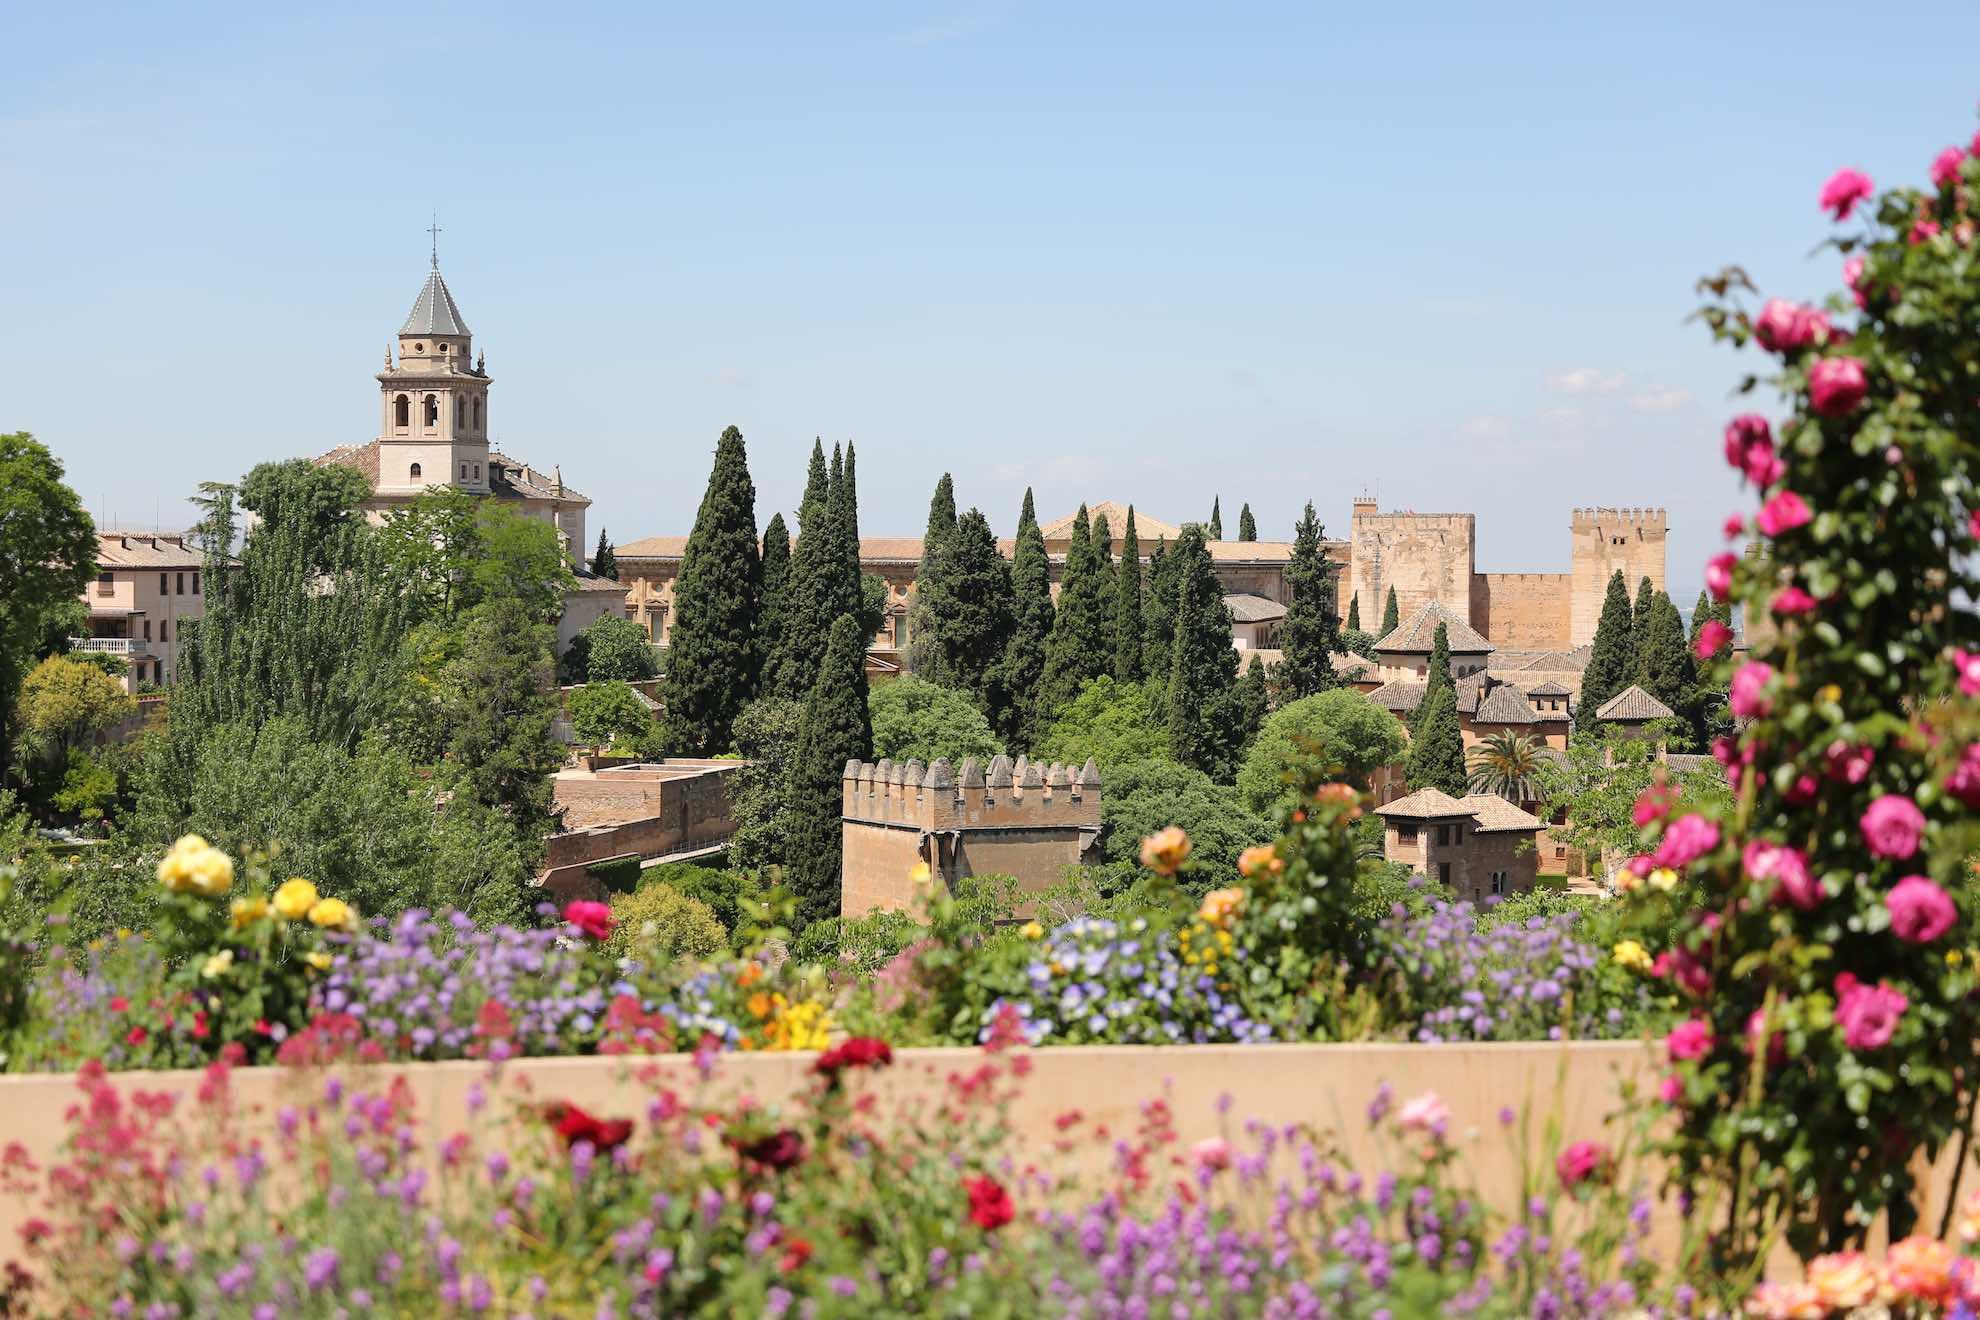 Die Alhambra ist der bedeutendste Vertreter der islamischen Baukunst im Abendland.